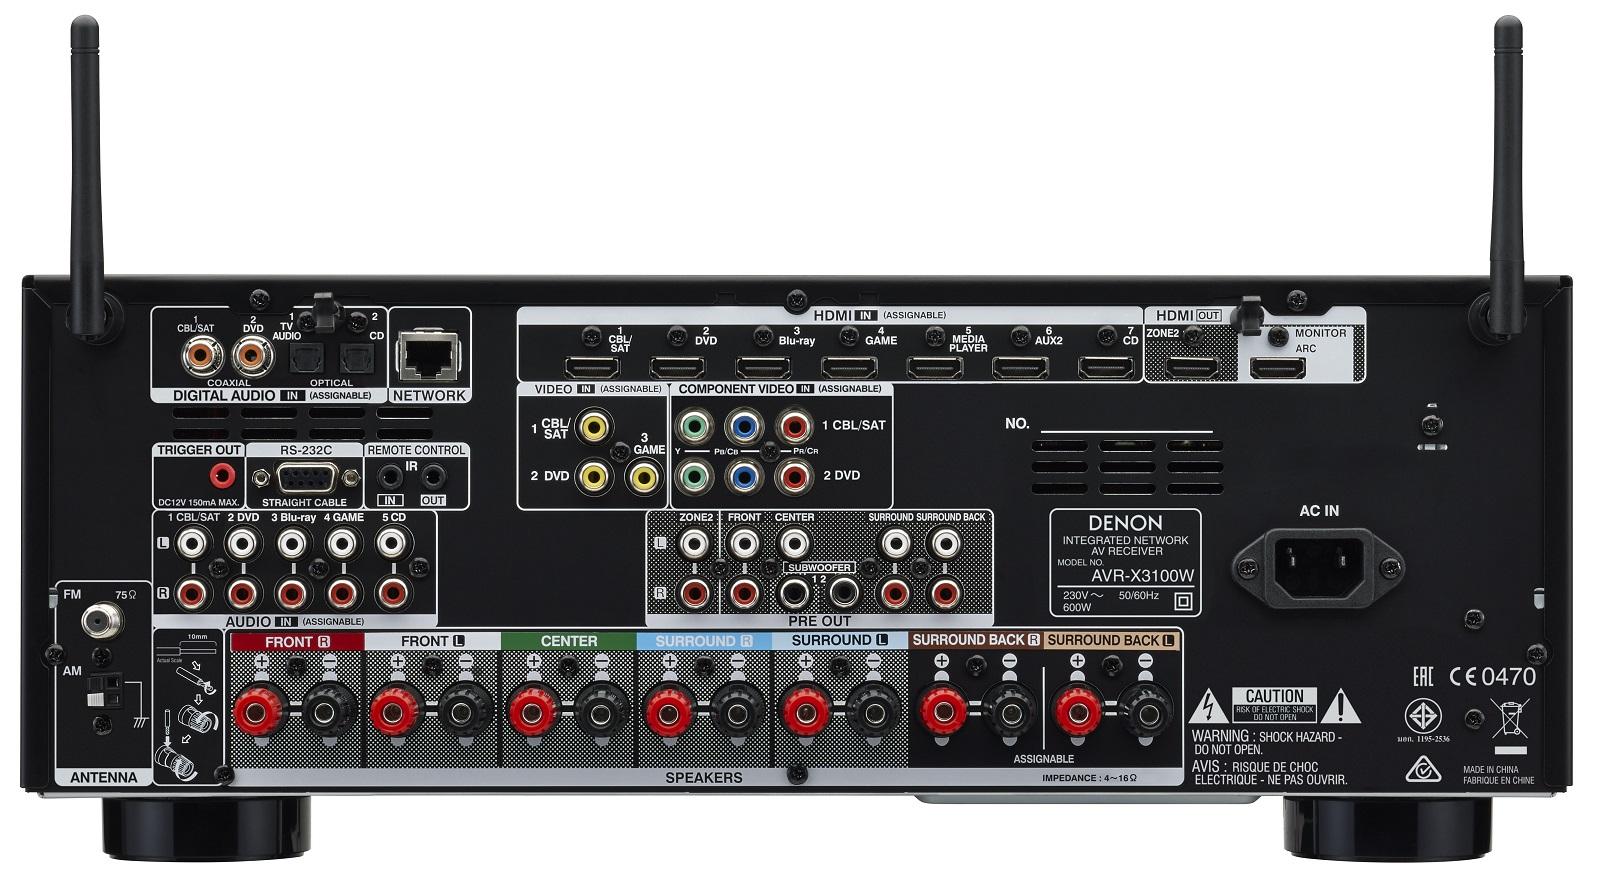 Denon X3100